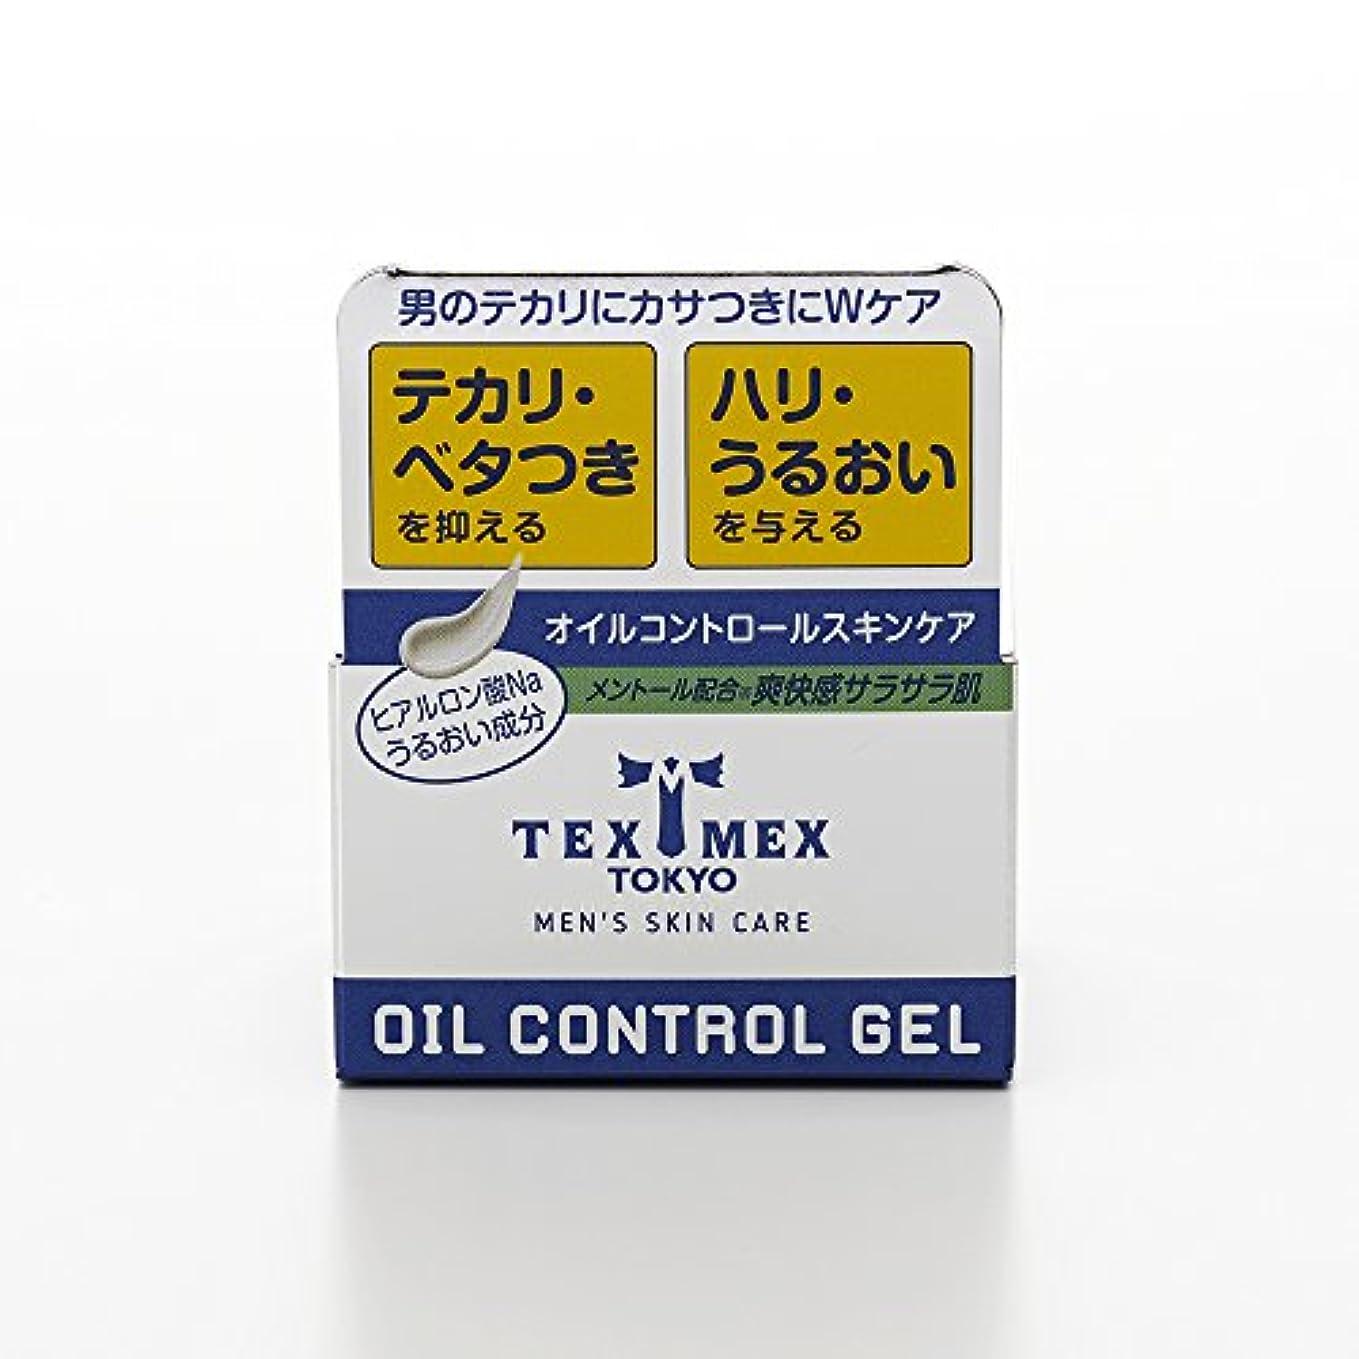 硬化する慣れる同盟テックスメックス オイルコントロールジェル 24g (テカリ防止ジェル) 【塗るだけでサラサラ肌に】